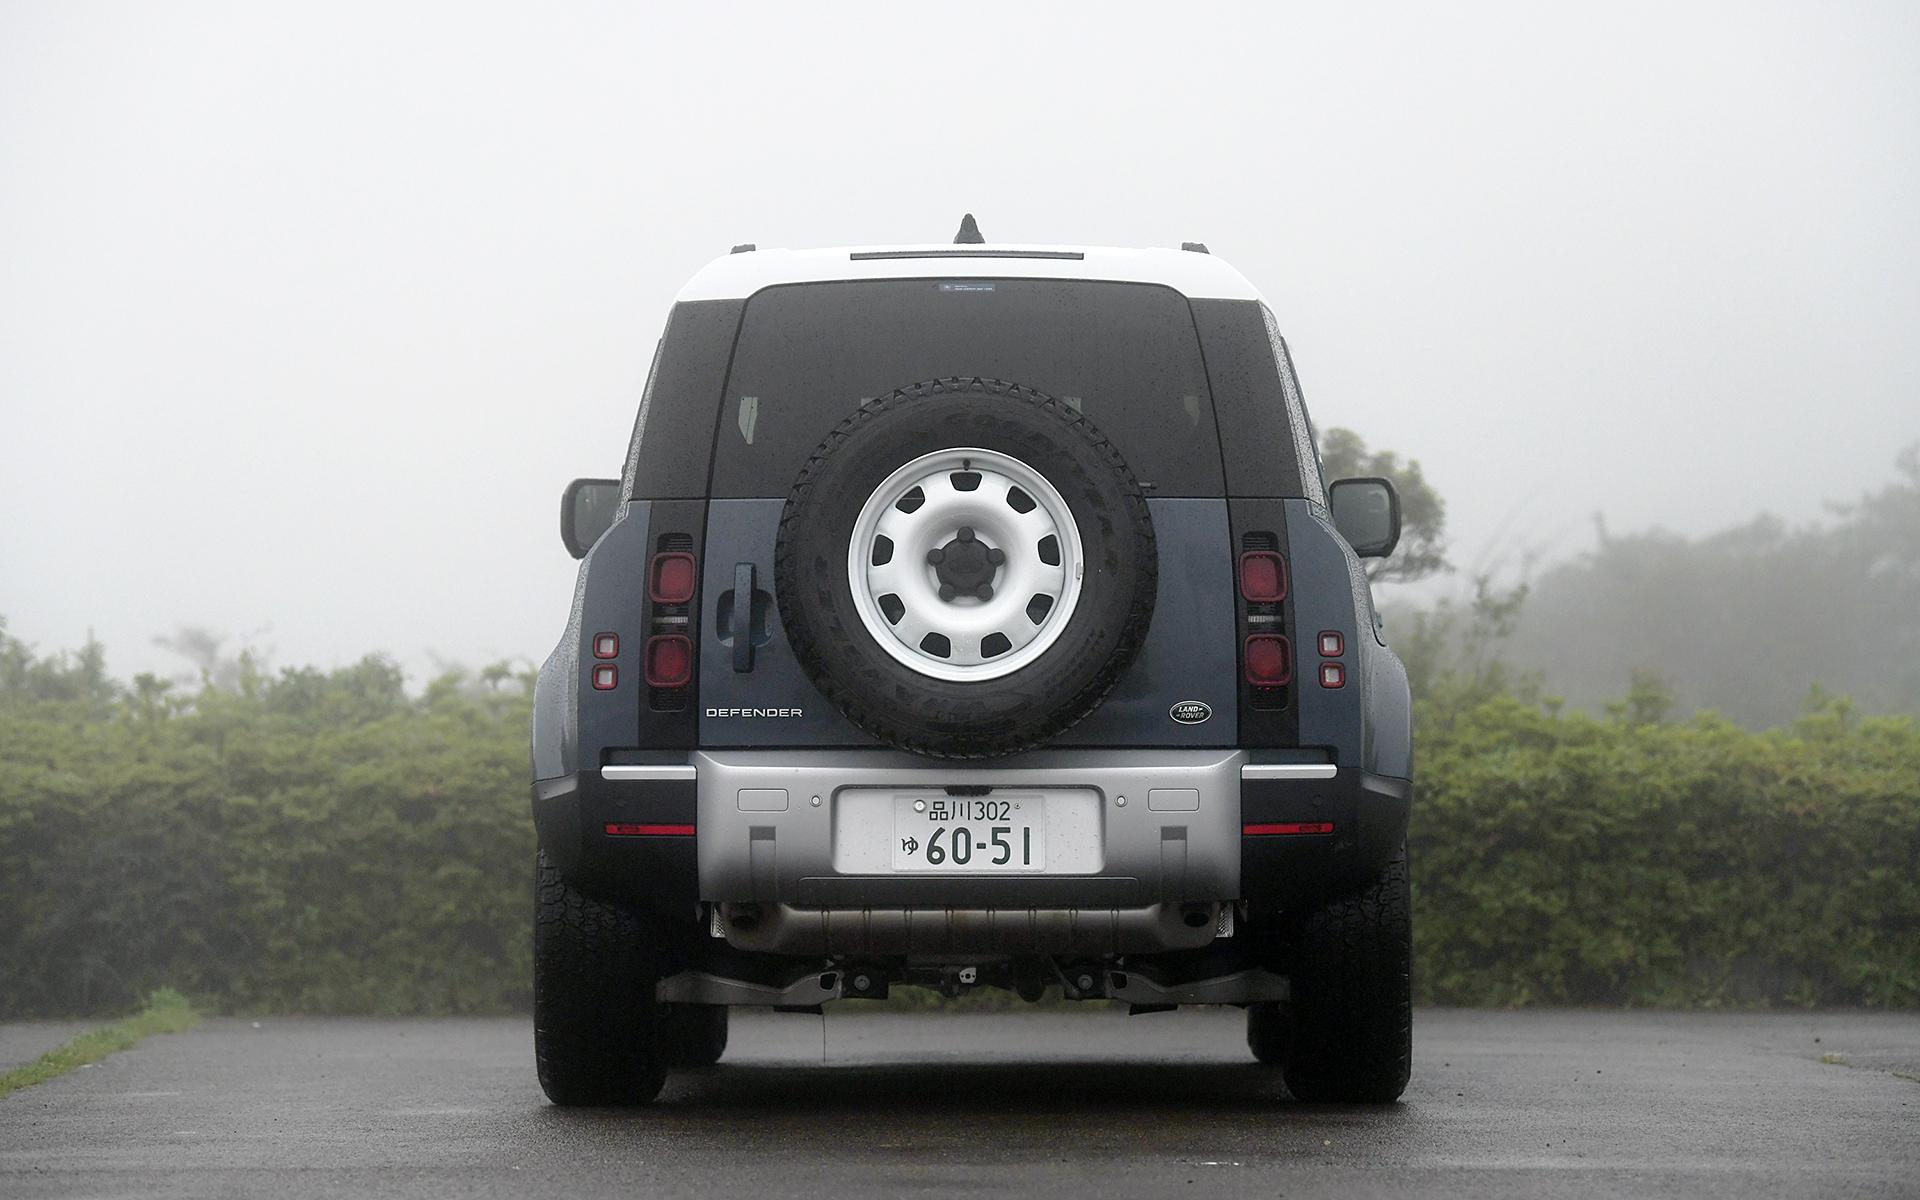 ボディサイズは4510×1995×1970mm(全長×全幅×全高)、ホイールベースは2585mm、車両重量は2100kg。足下はディーラーオプションの18インチ スタイル5093(グロスホワイトフィニッシュ)スチールホイールを装着し、255/70R18サイズのグッドイヤー「ラングラー オールテレーン アドベンチャー」を組み合わせる